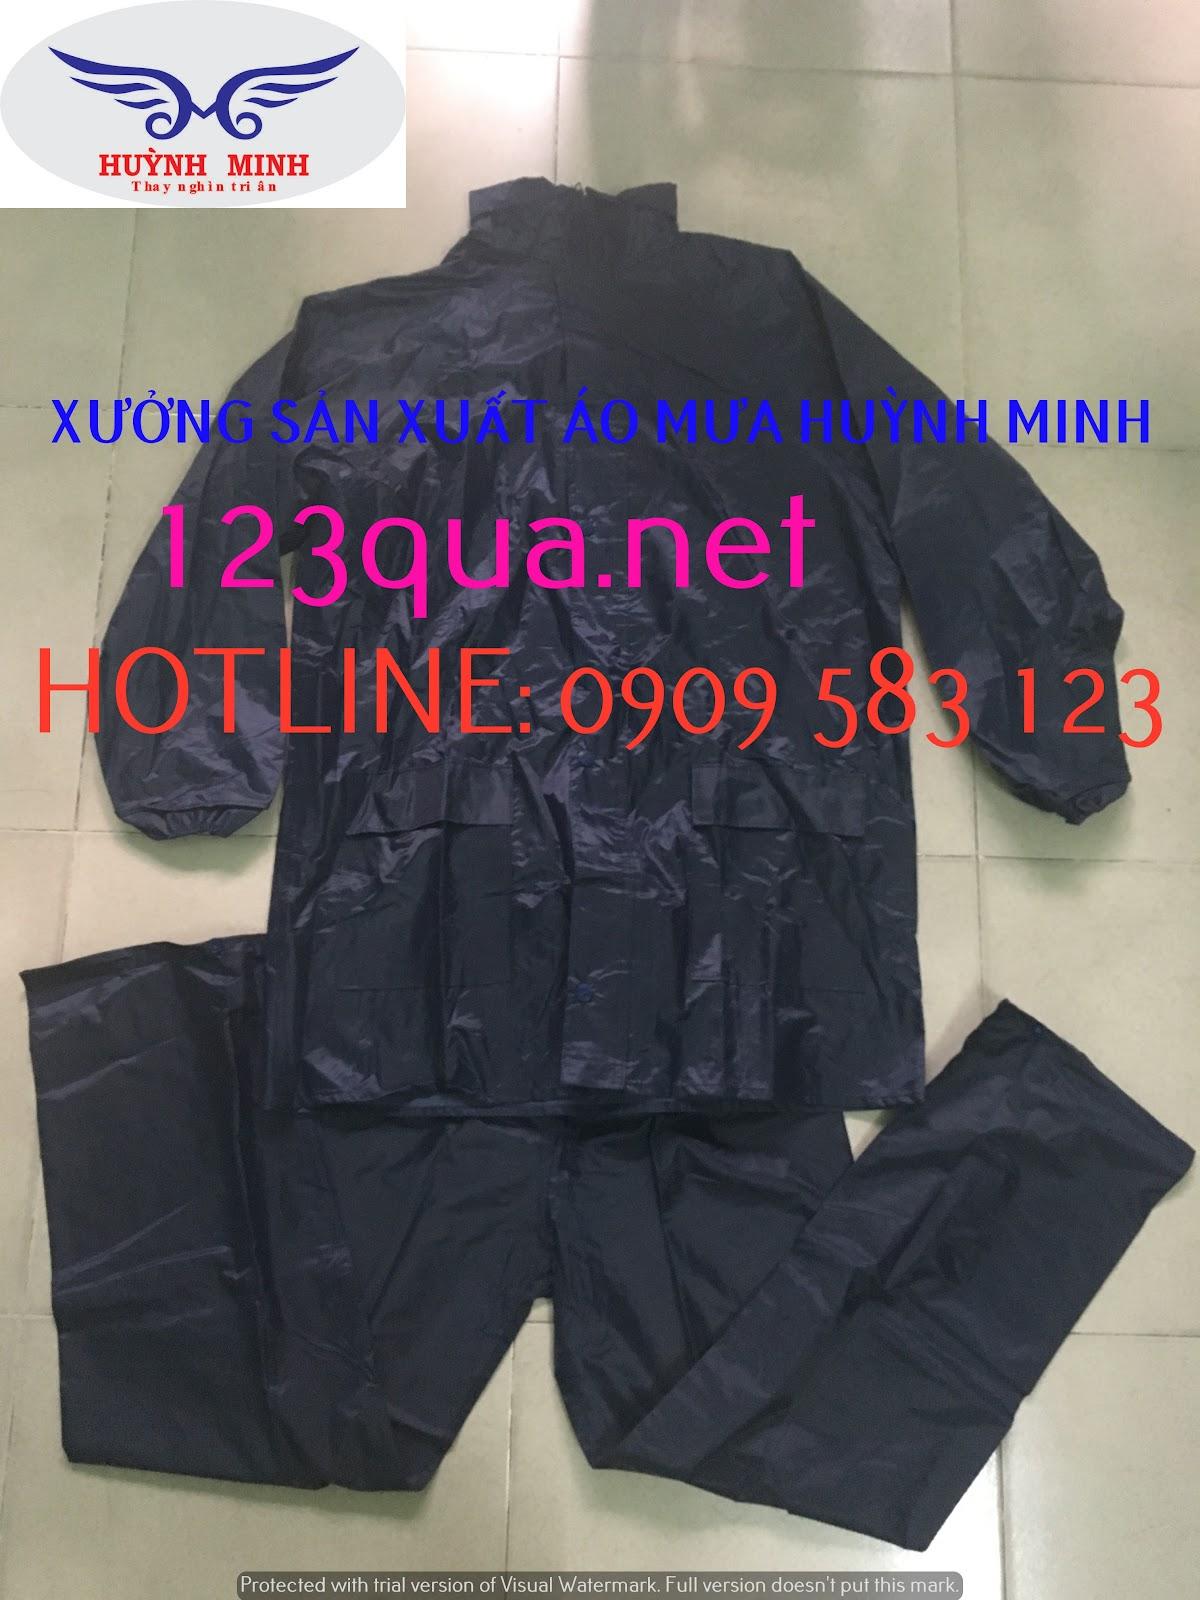 Cơ sở sản xuất Áo Mưa Quảng Cáo, áo mưa bộ, áo mưa cánh dơi, áo mưa trẻ em chất lượng, giá tốt